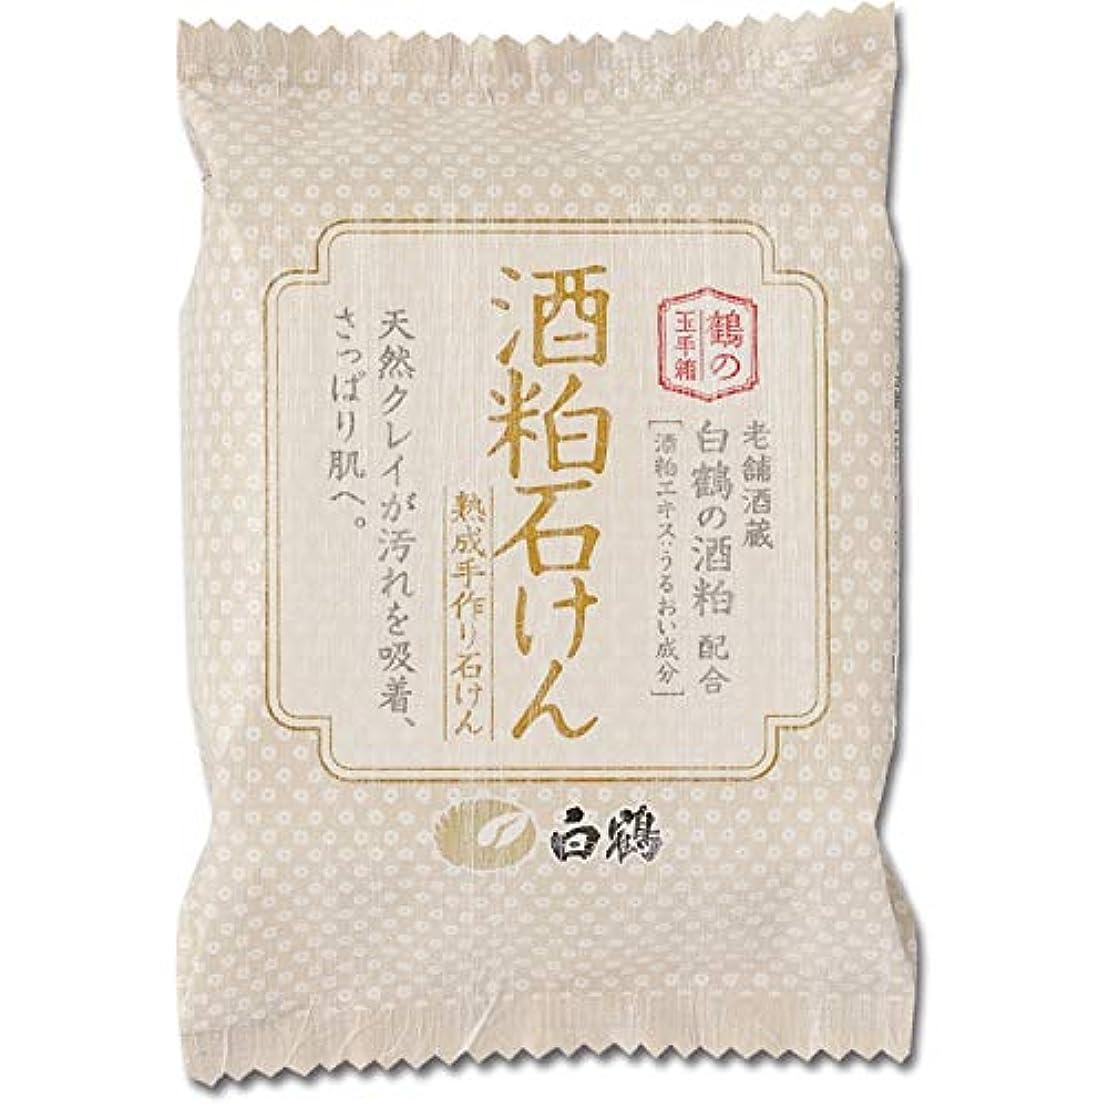 コイル解明する犯人白鶴 鶴の玉手箱 酒粕石けん 100g (全身用石鹸)